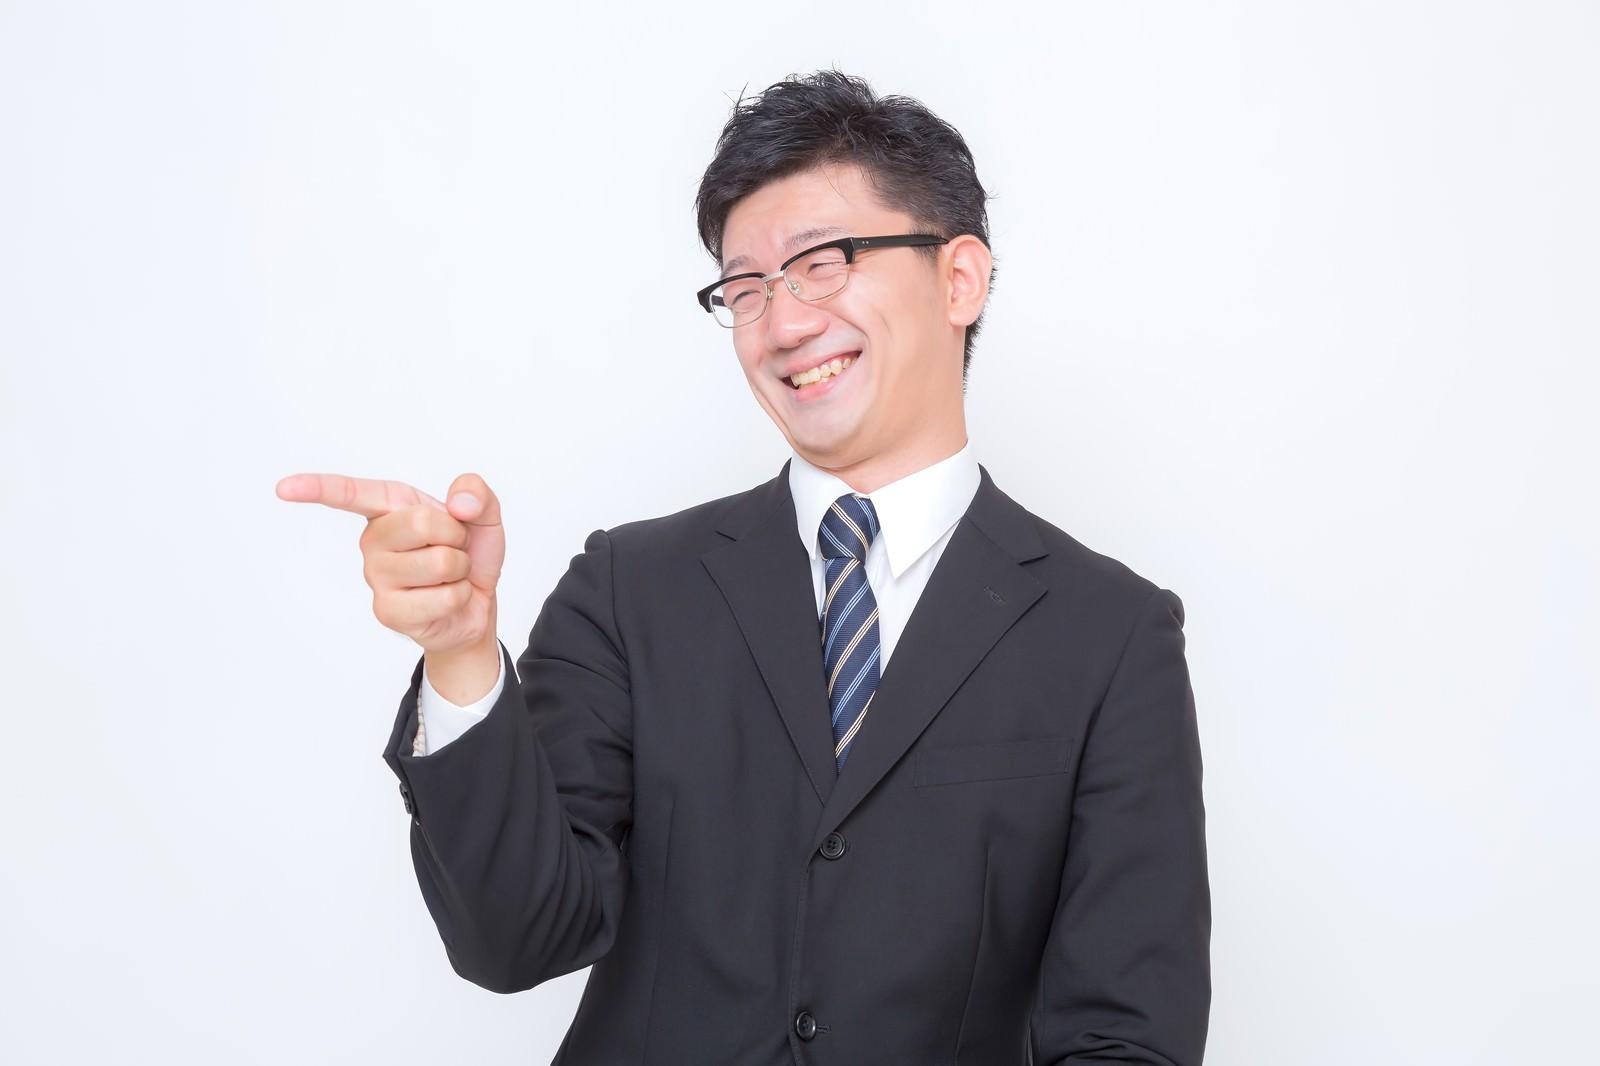 「「君面白いね!」っと指さすサラリーマン」の写真[モデル:OZPA]